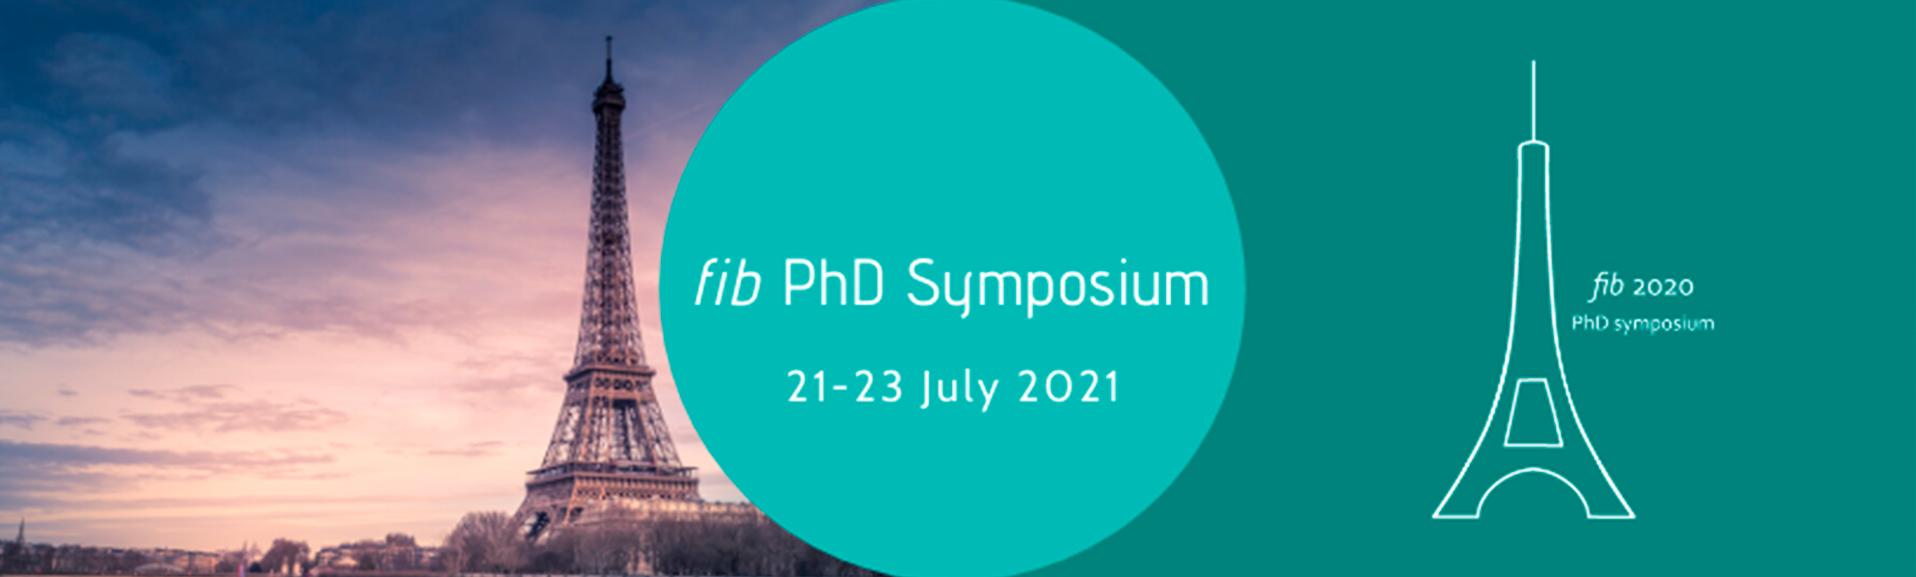 200511 fib phd symposium 2021jpg